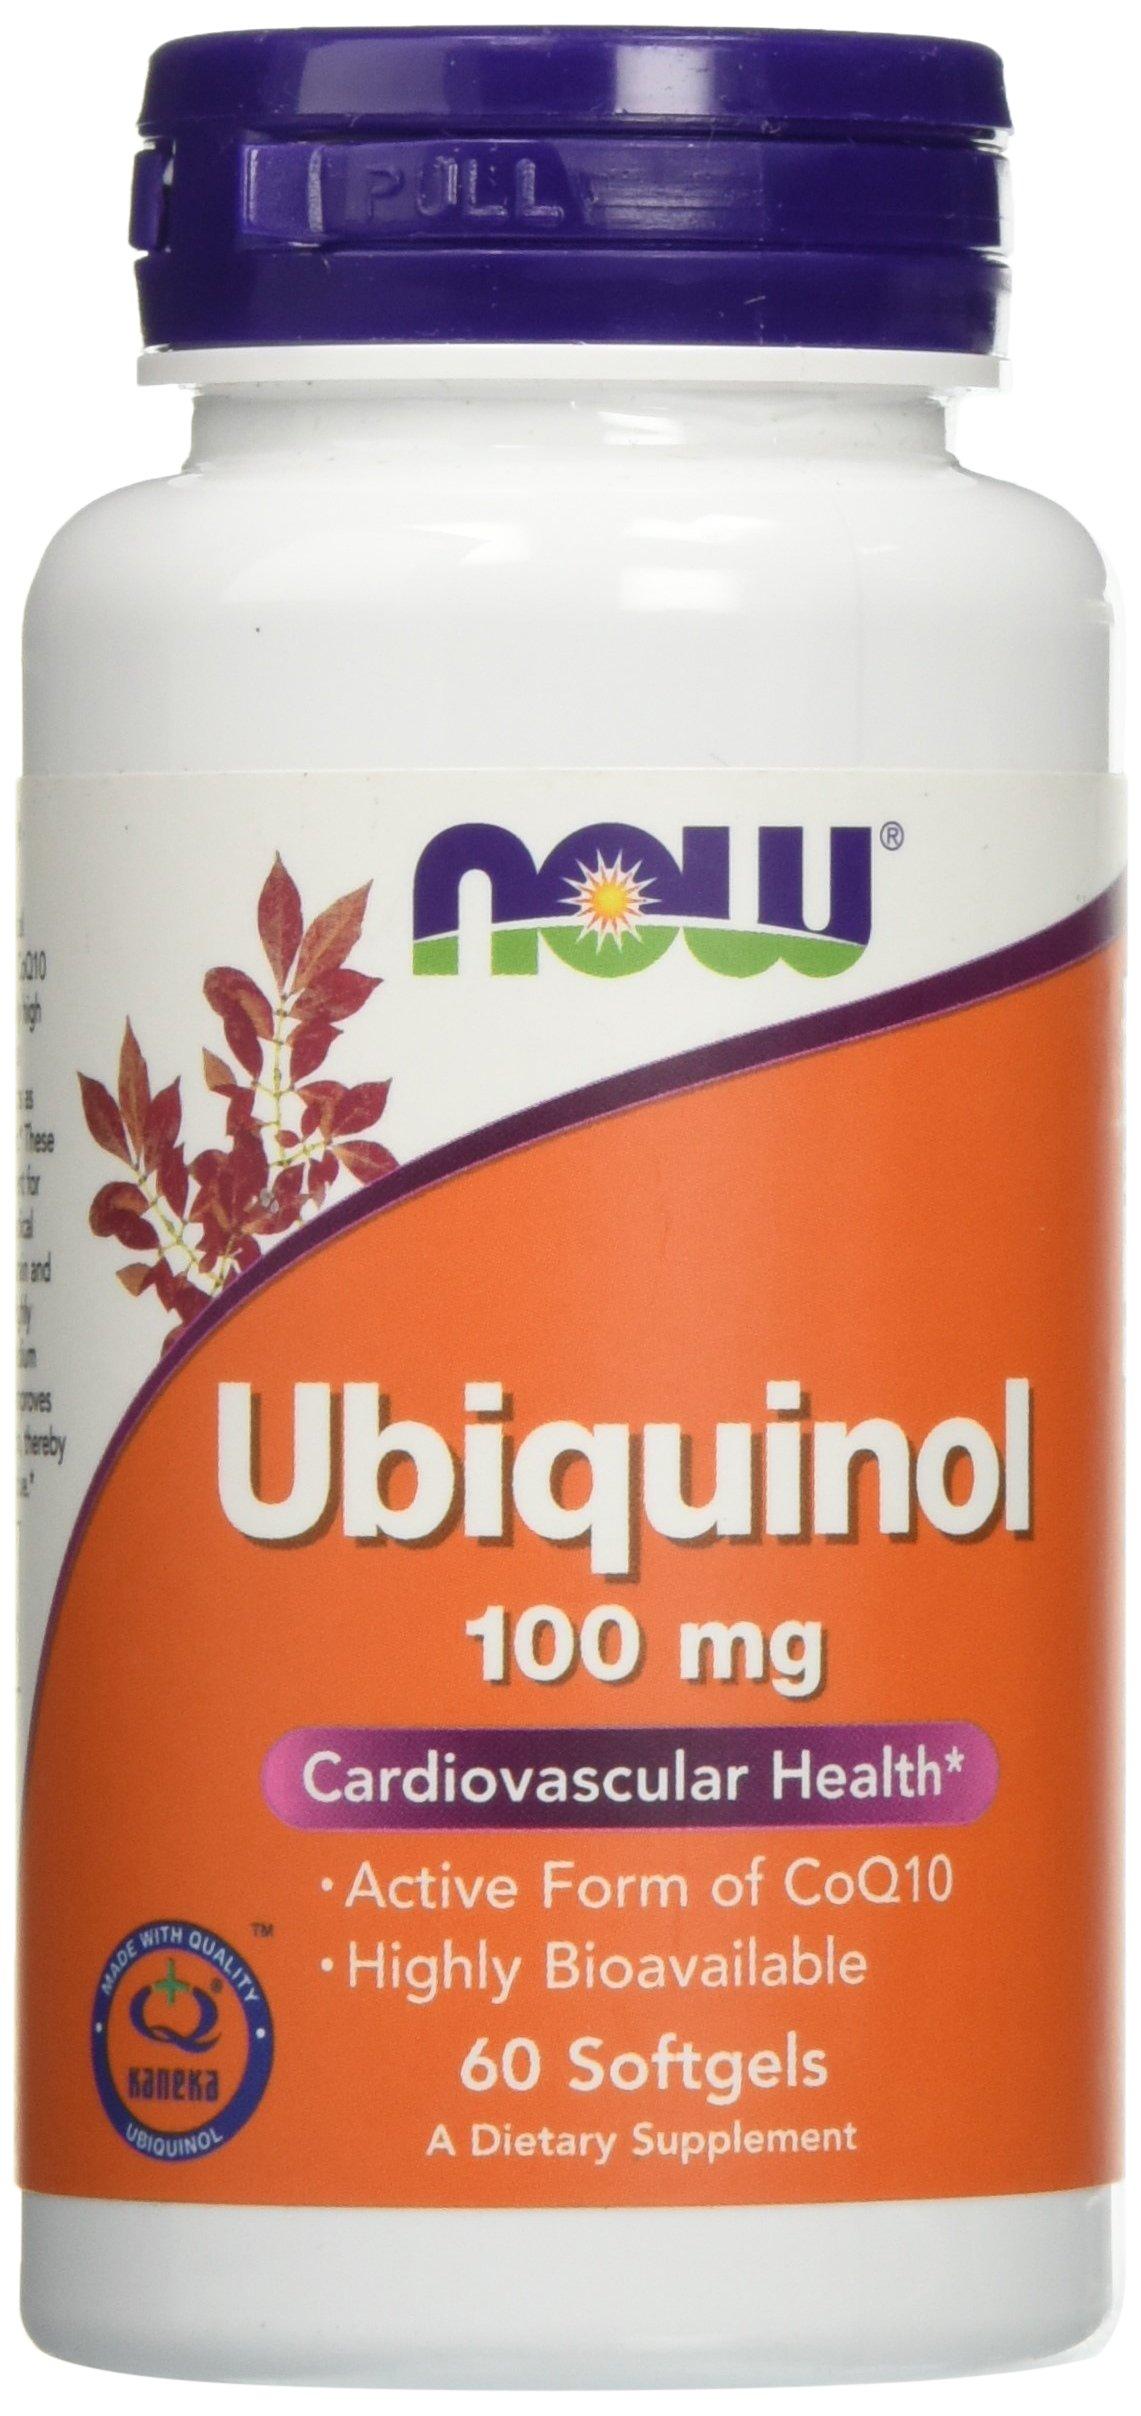 NOW Ubiquinol 100 mg,60 Softgels